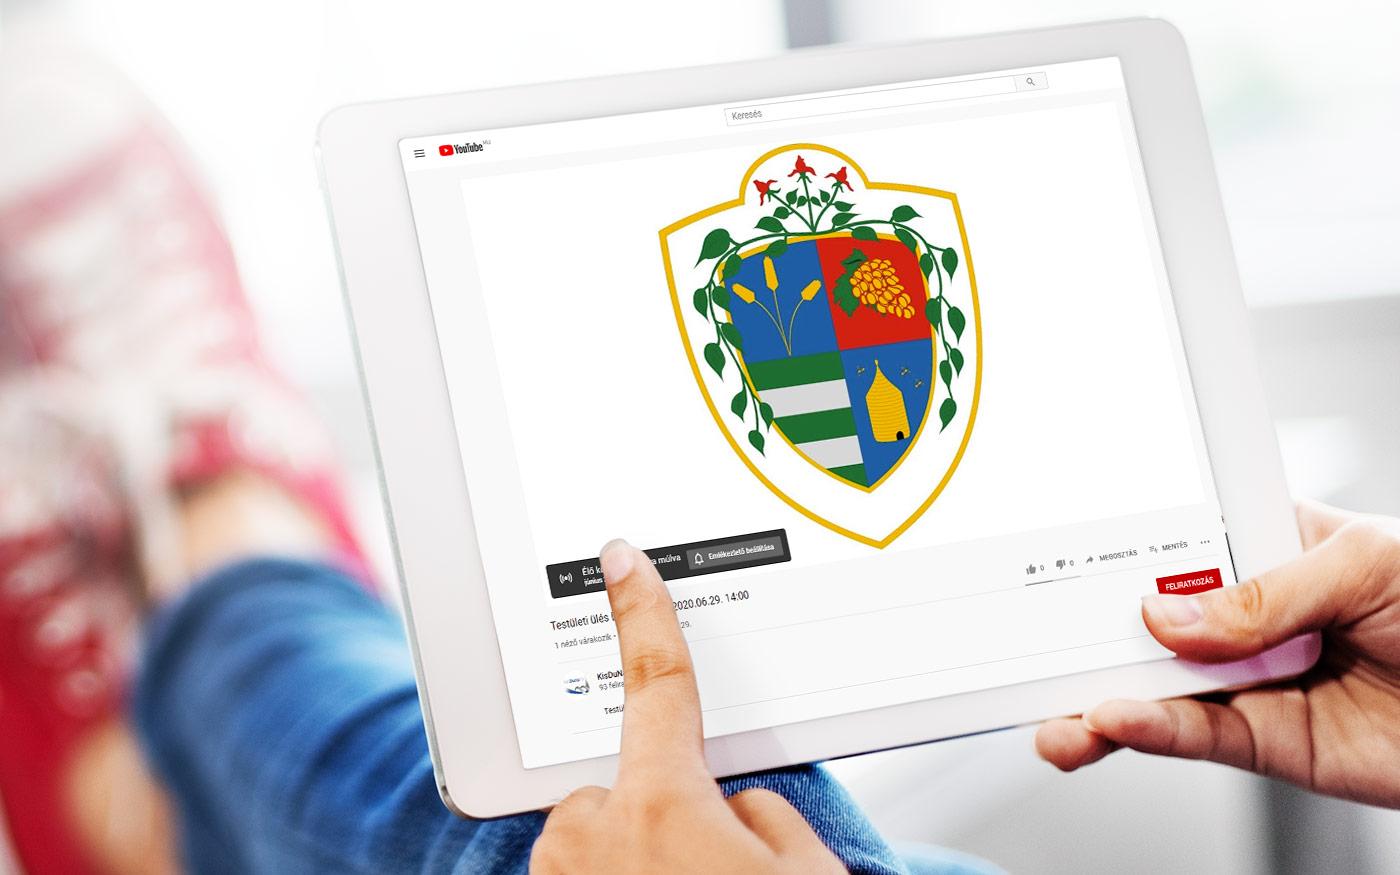 Élőben közvetíti a KisDunaTV a neten Dunaharaszti képviselő-testületének ülését